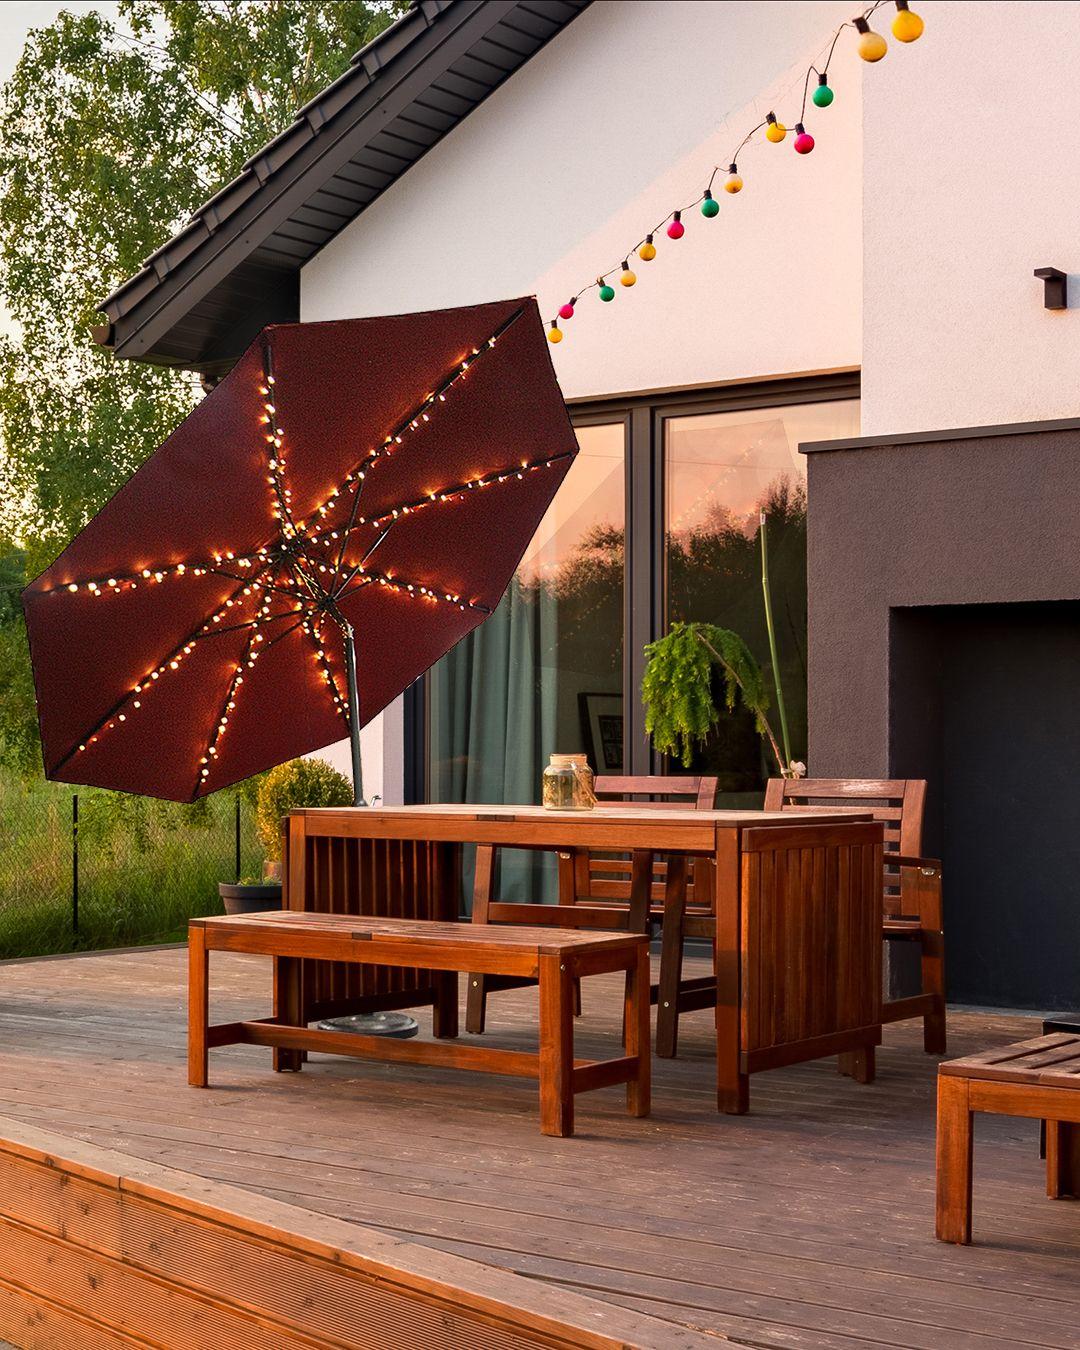 Speziell Zur Beleuchtung Eines Sonnenschirms Entwickelte Lichterkette Mit 8 Abgehenden Led Strangen Die Einzel Lichterkette Sonnenschirm Sonnenschirm Lichter